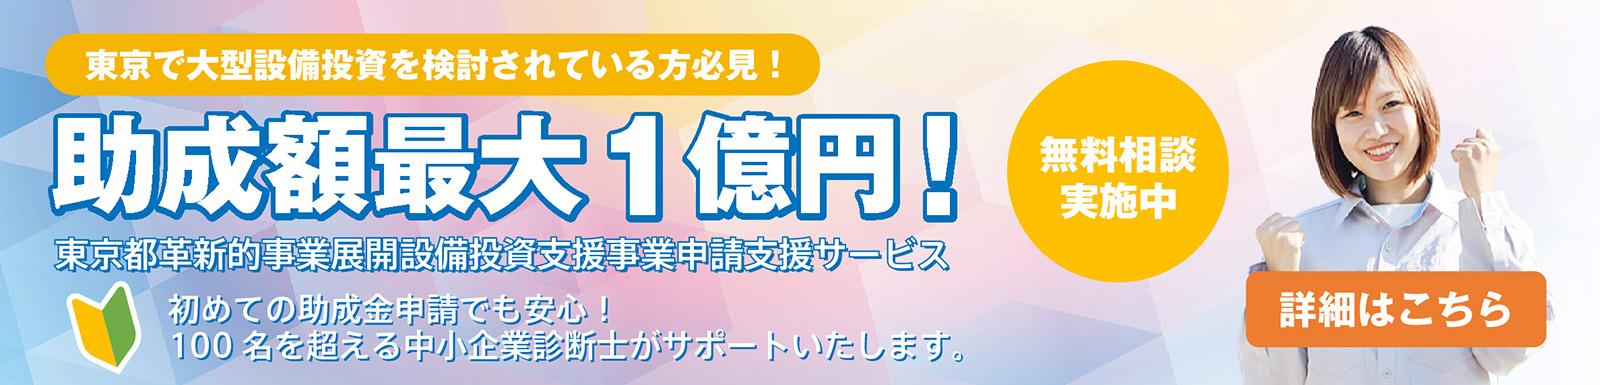 東京都革新的事業展開設備投資支援事業申請支援サービス詳細はこちら